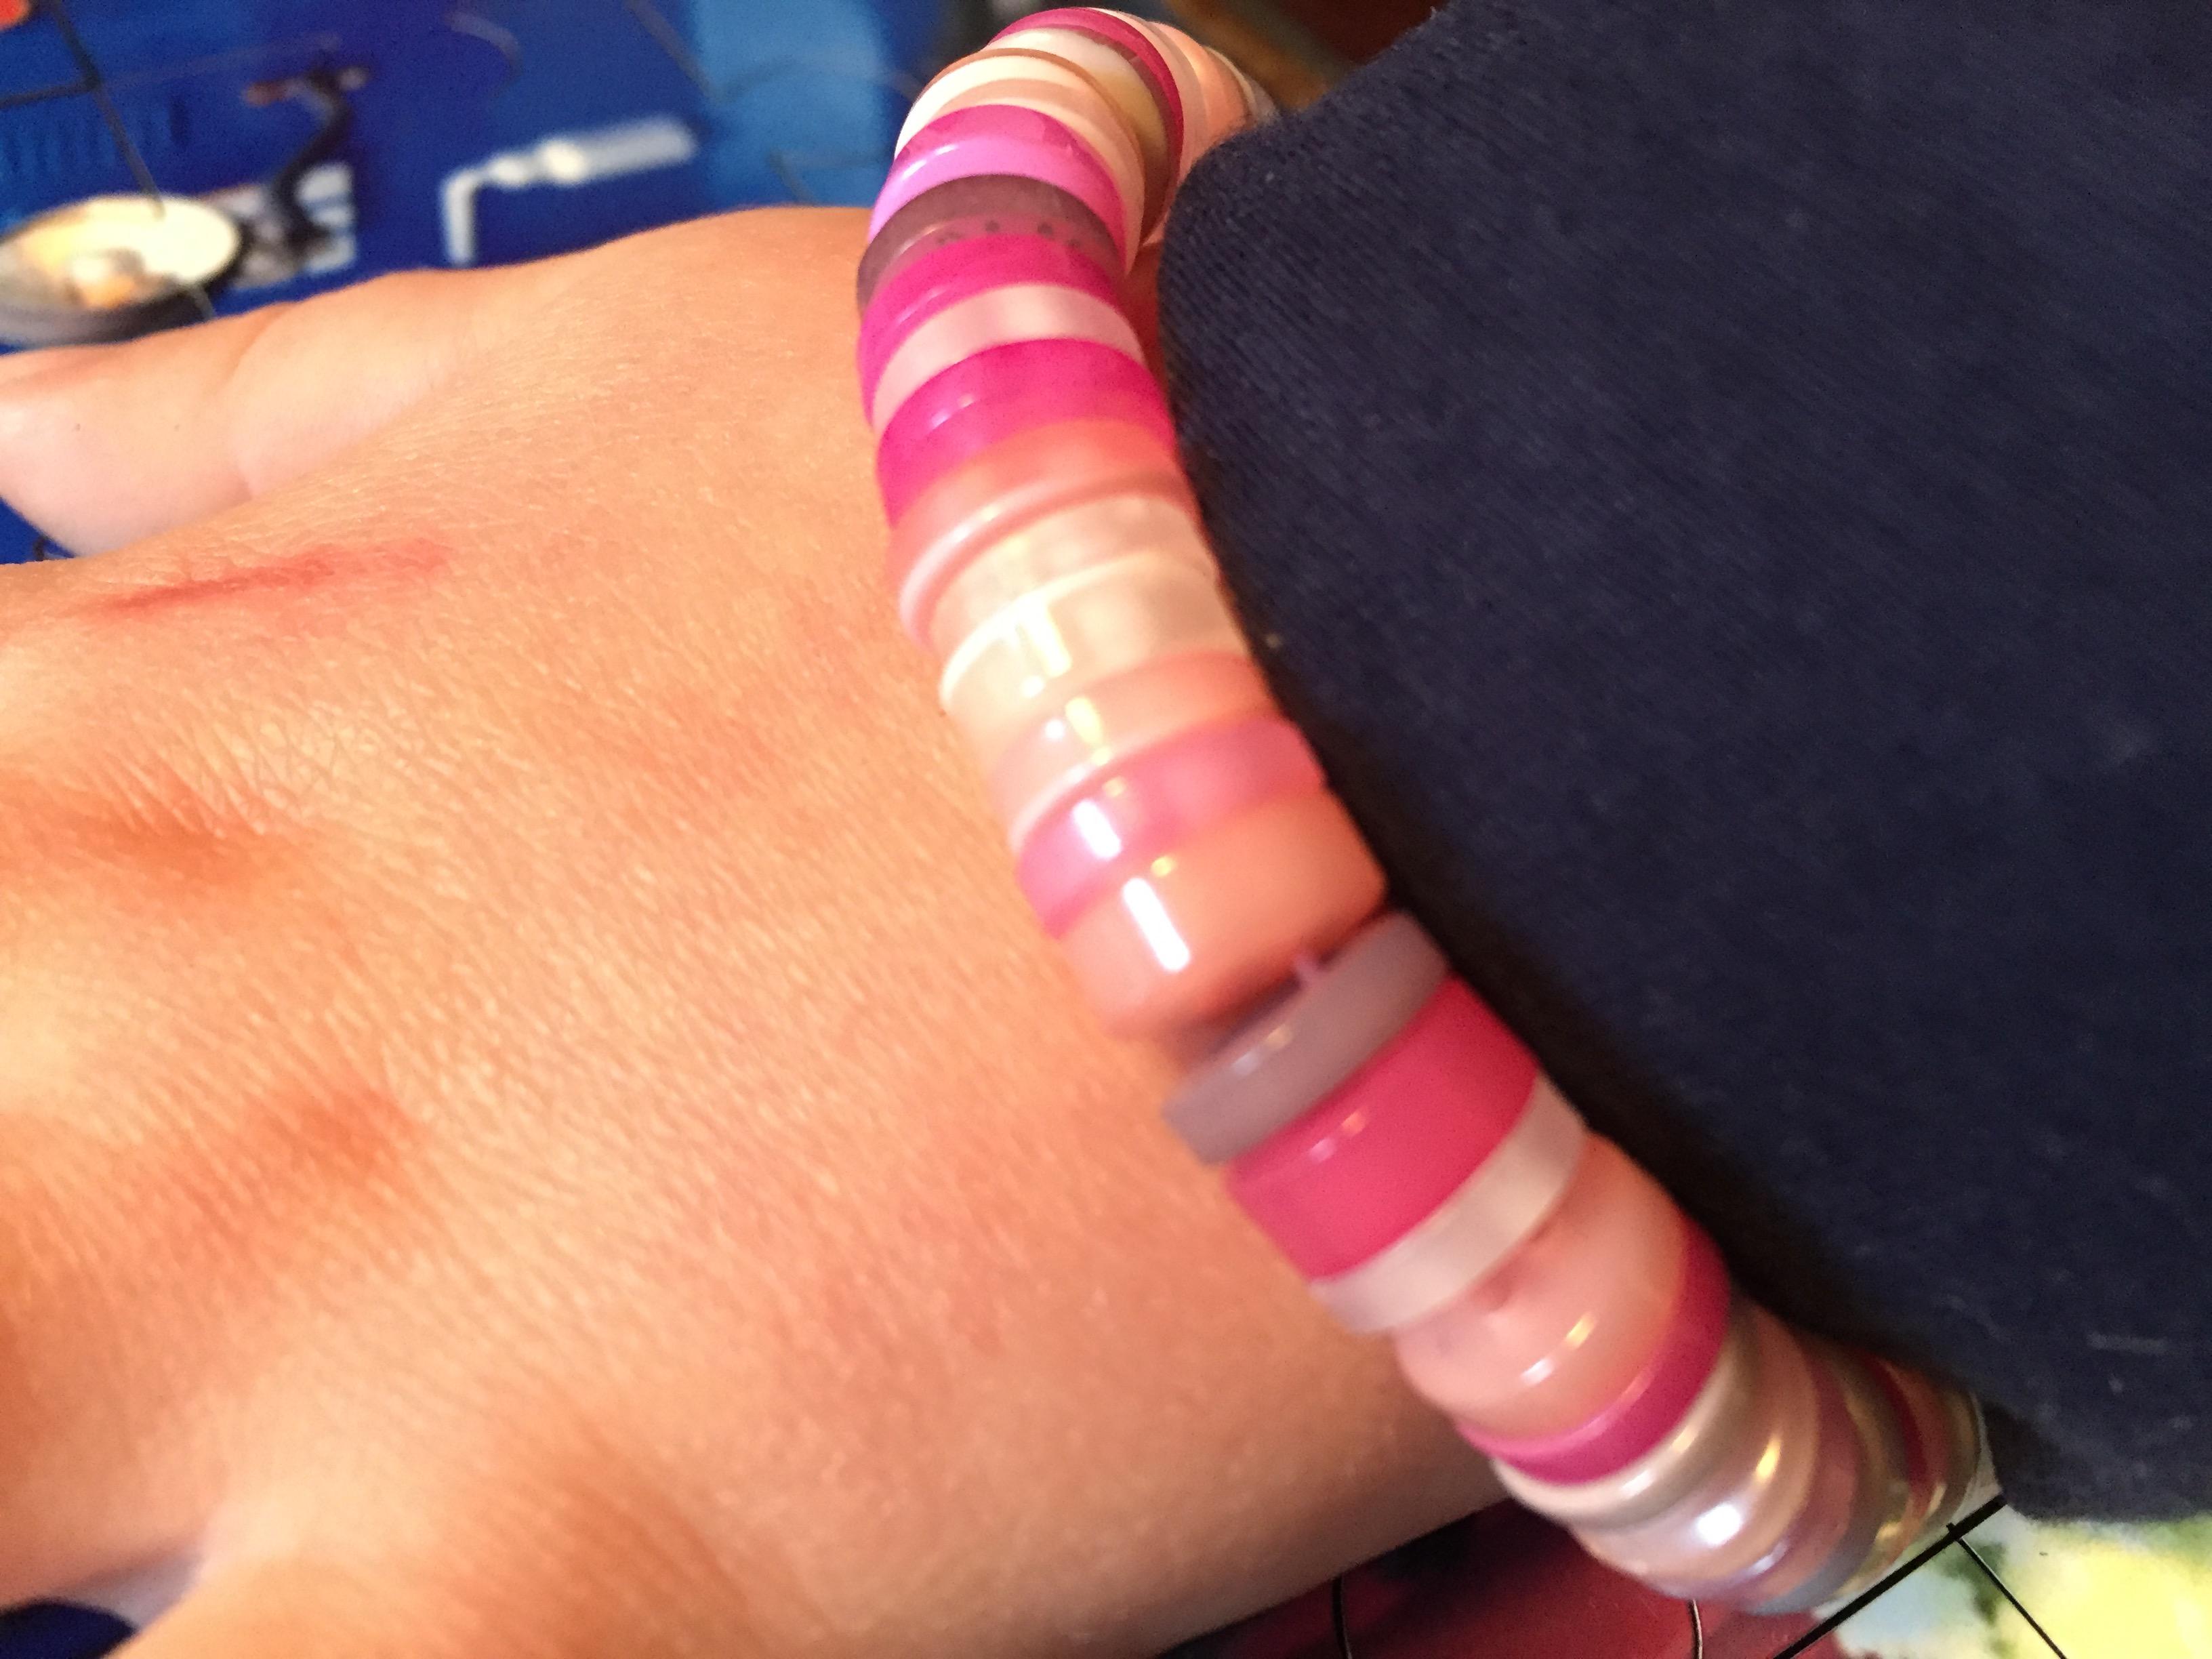 Det søde armbånd af knapper på en lille arm